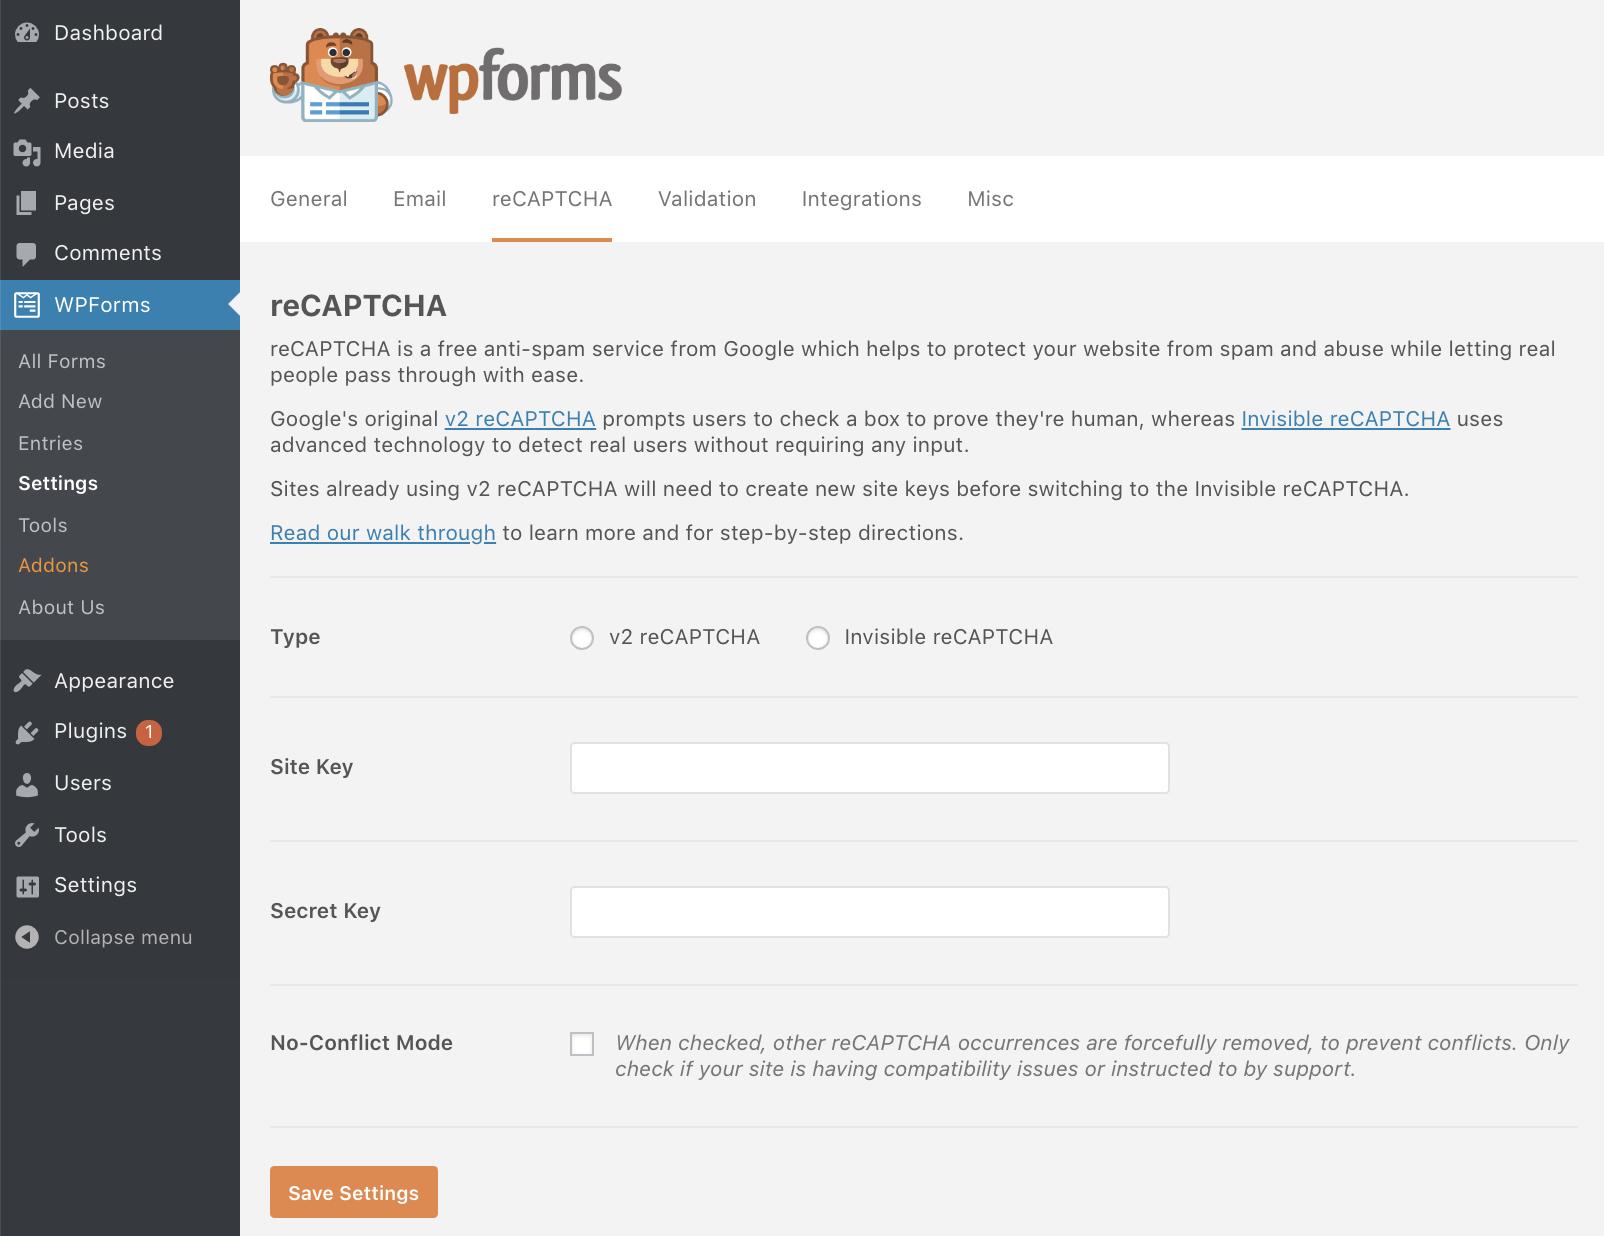 WPForms Settings - BlogTipsTricks